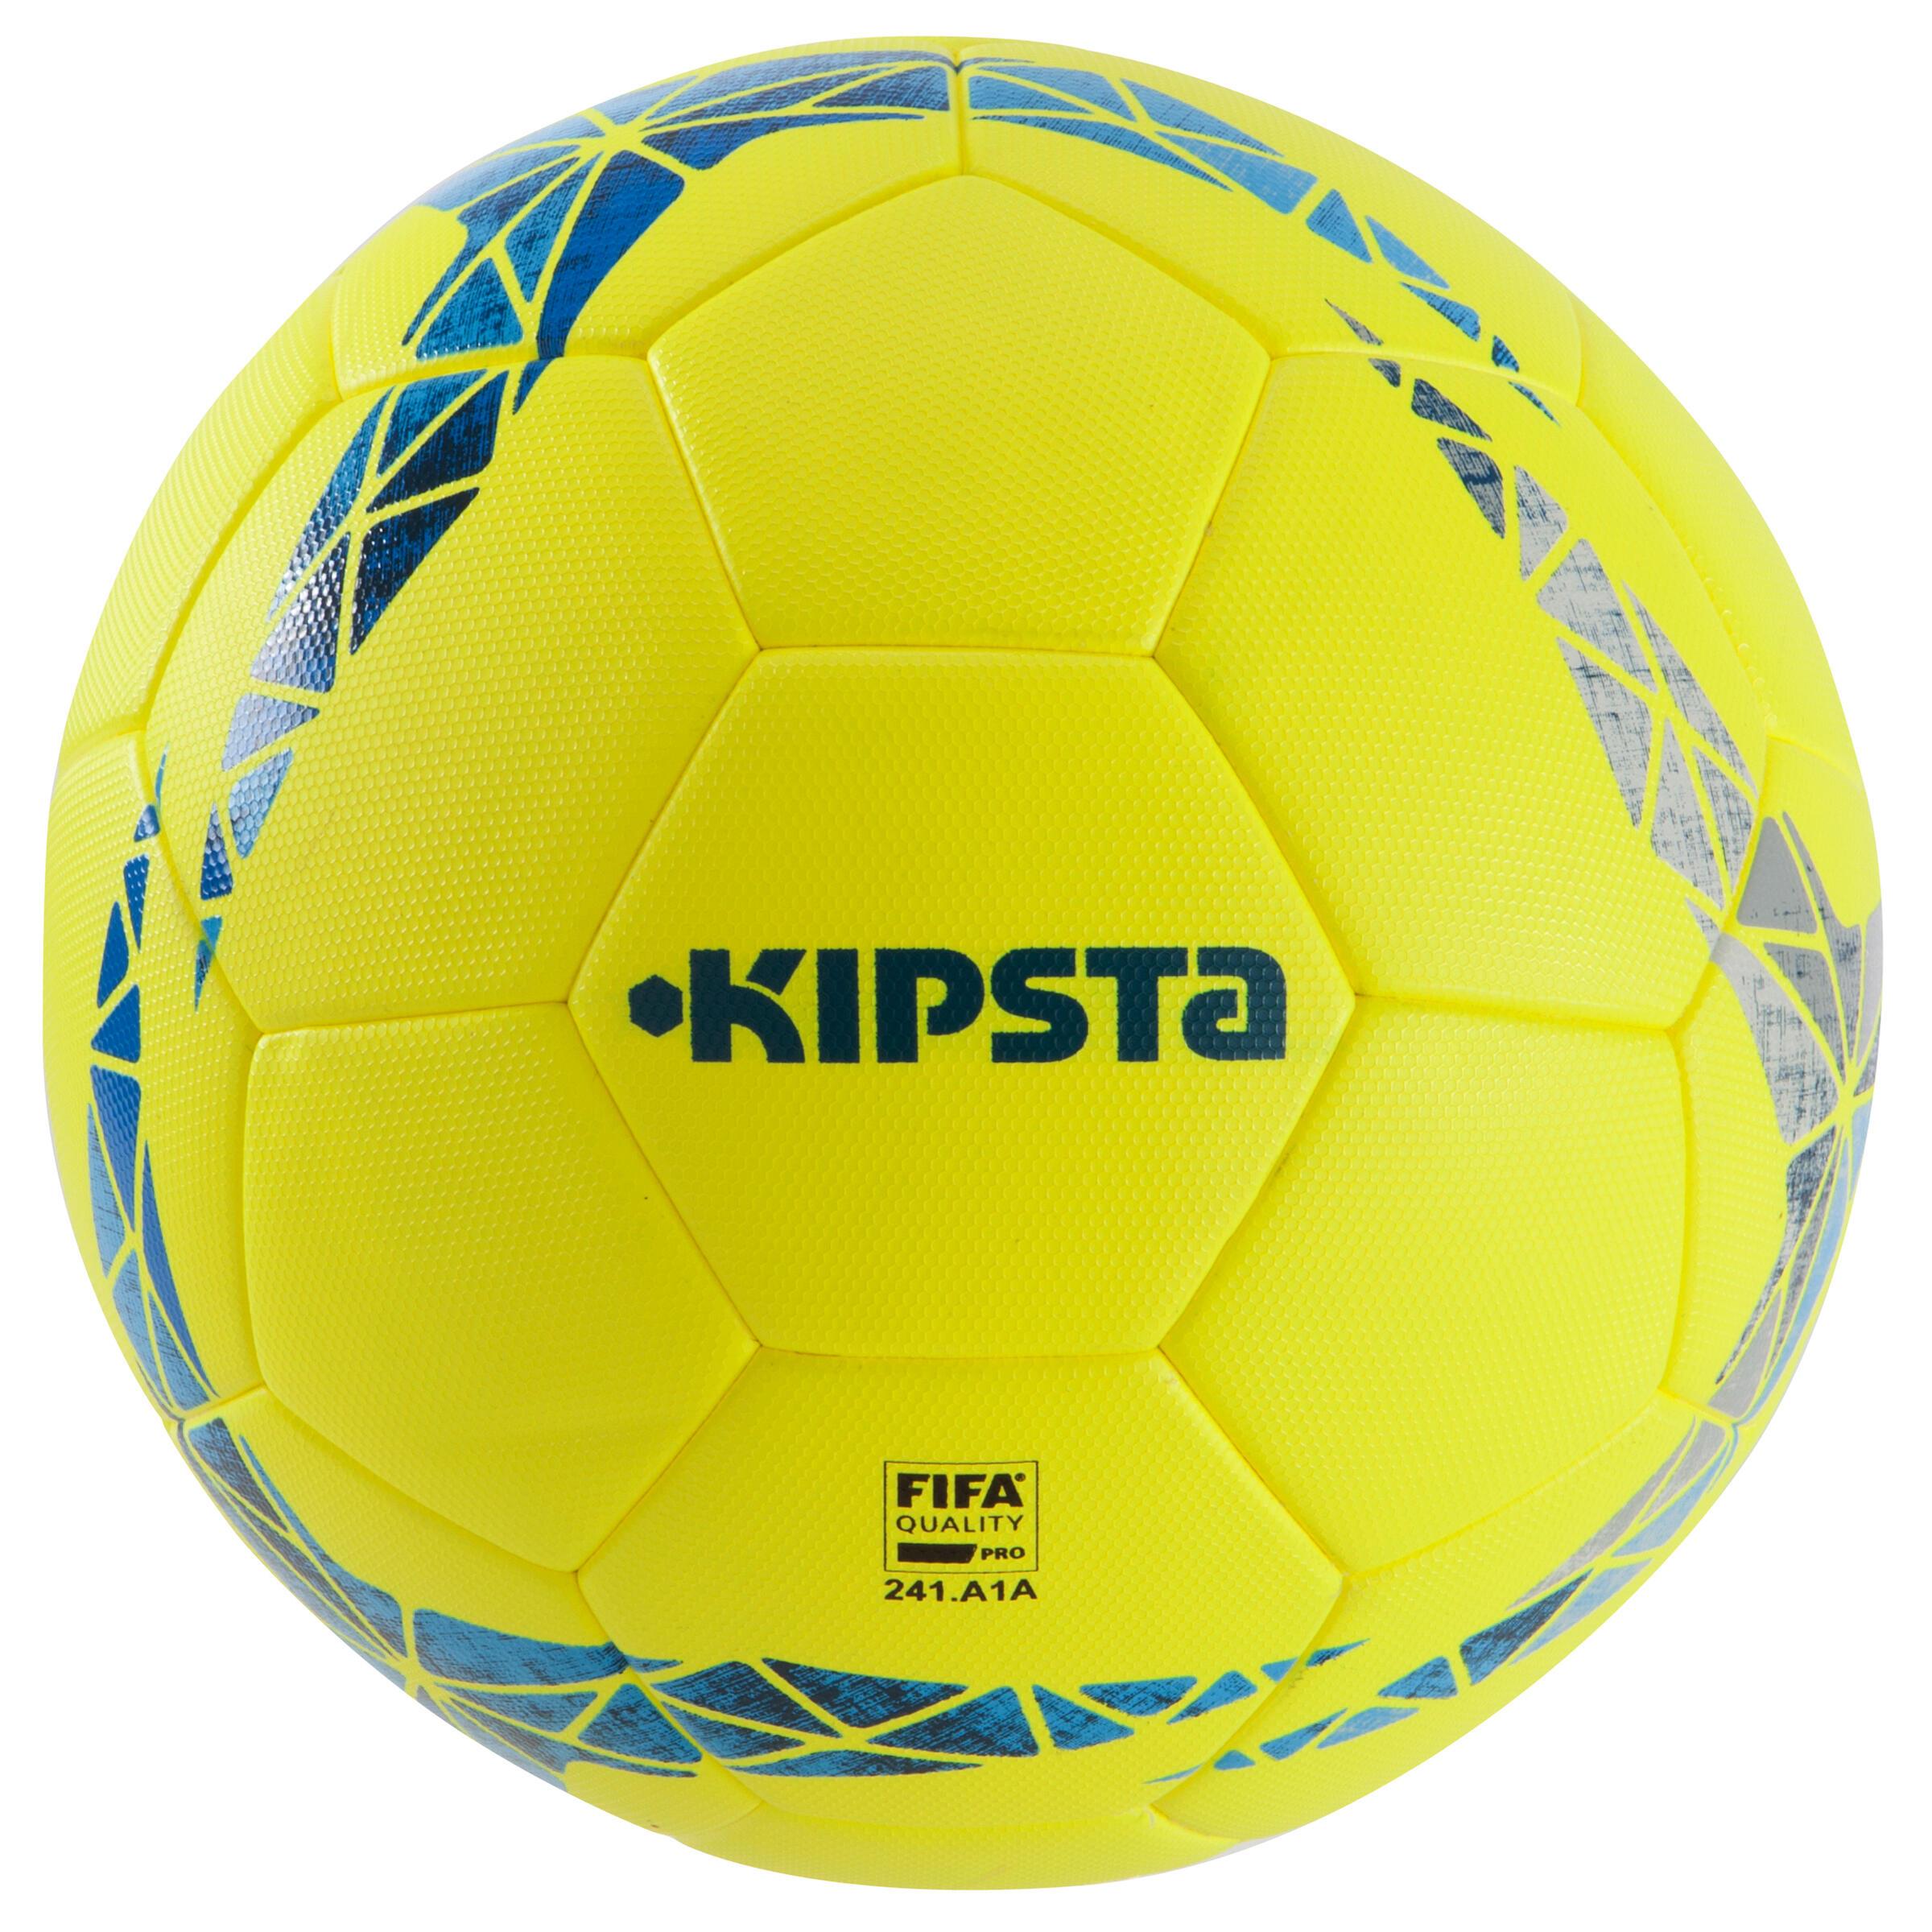 Fußball F900 FIFA Pro thermogeklebt Größe 5 gelb/blau/grau